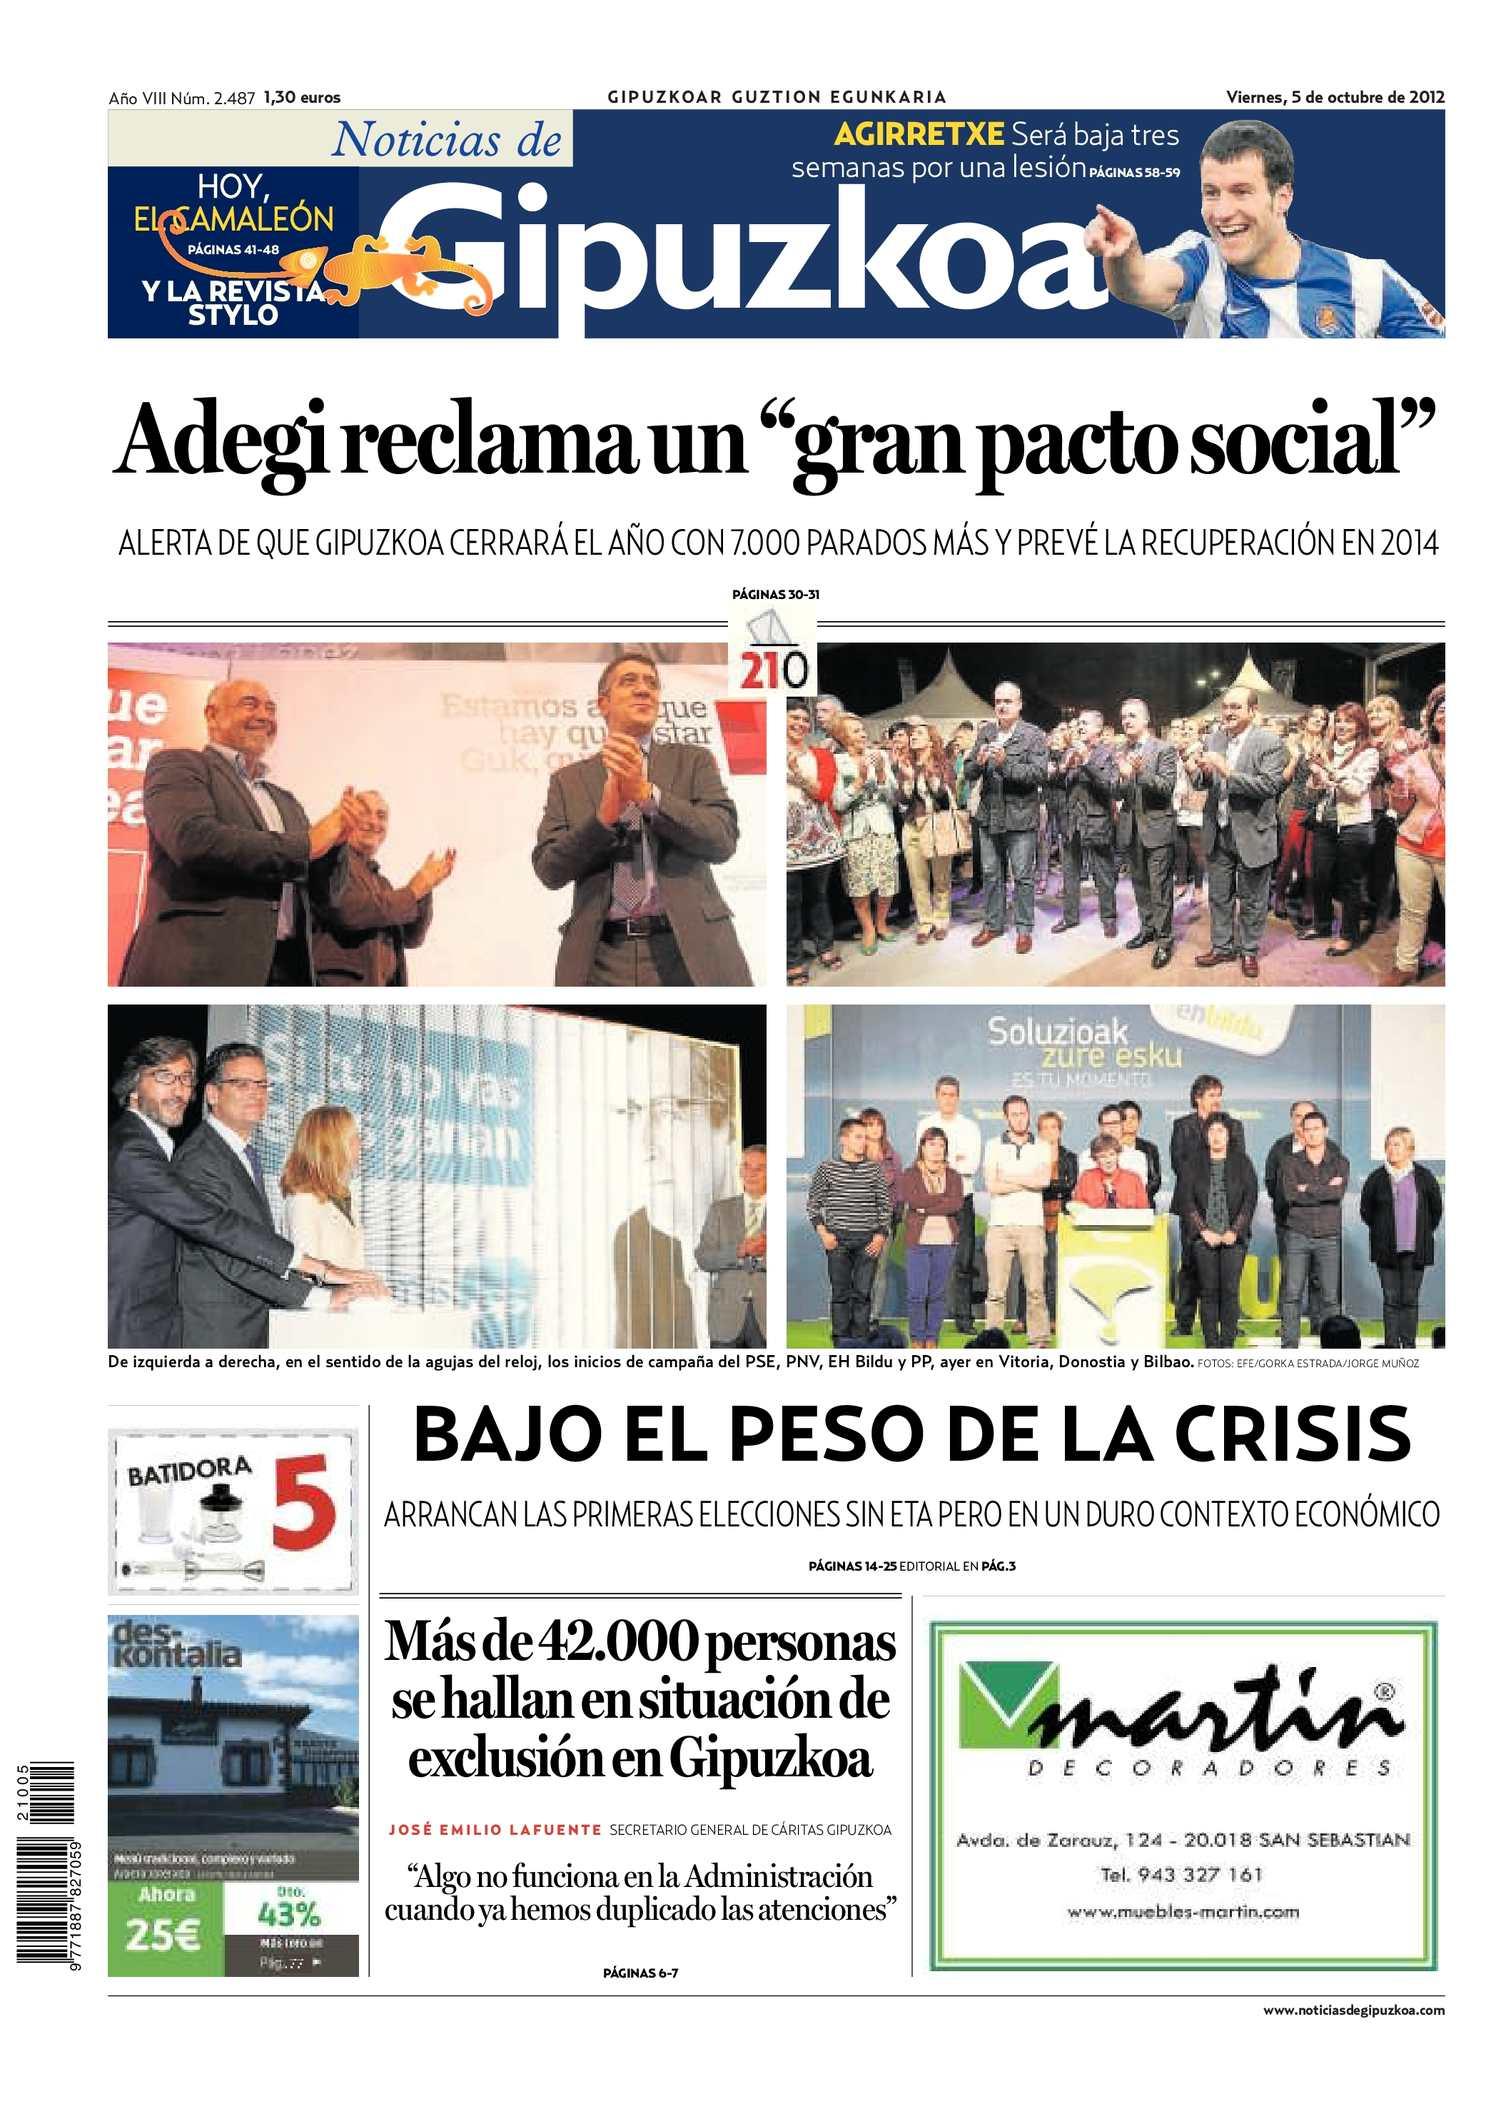 Gipuzkoa Noticias Calaméo 20121005 20121005 Noticias Gipuzkoa Noticias Calaméo de Calaméo de 08nOvmNwy